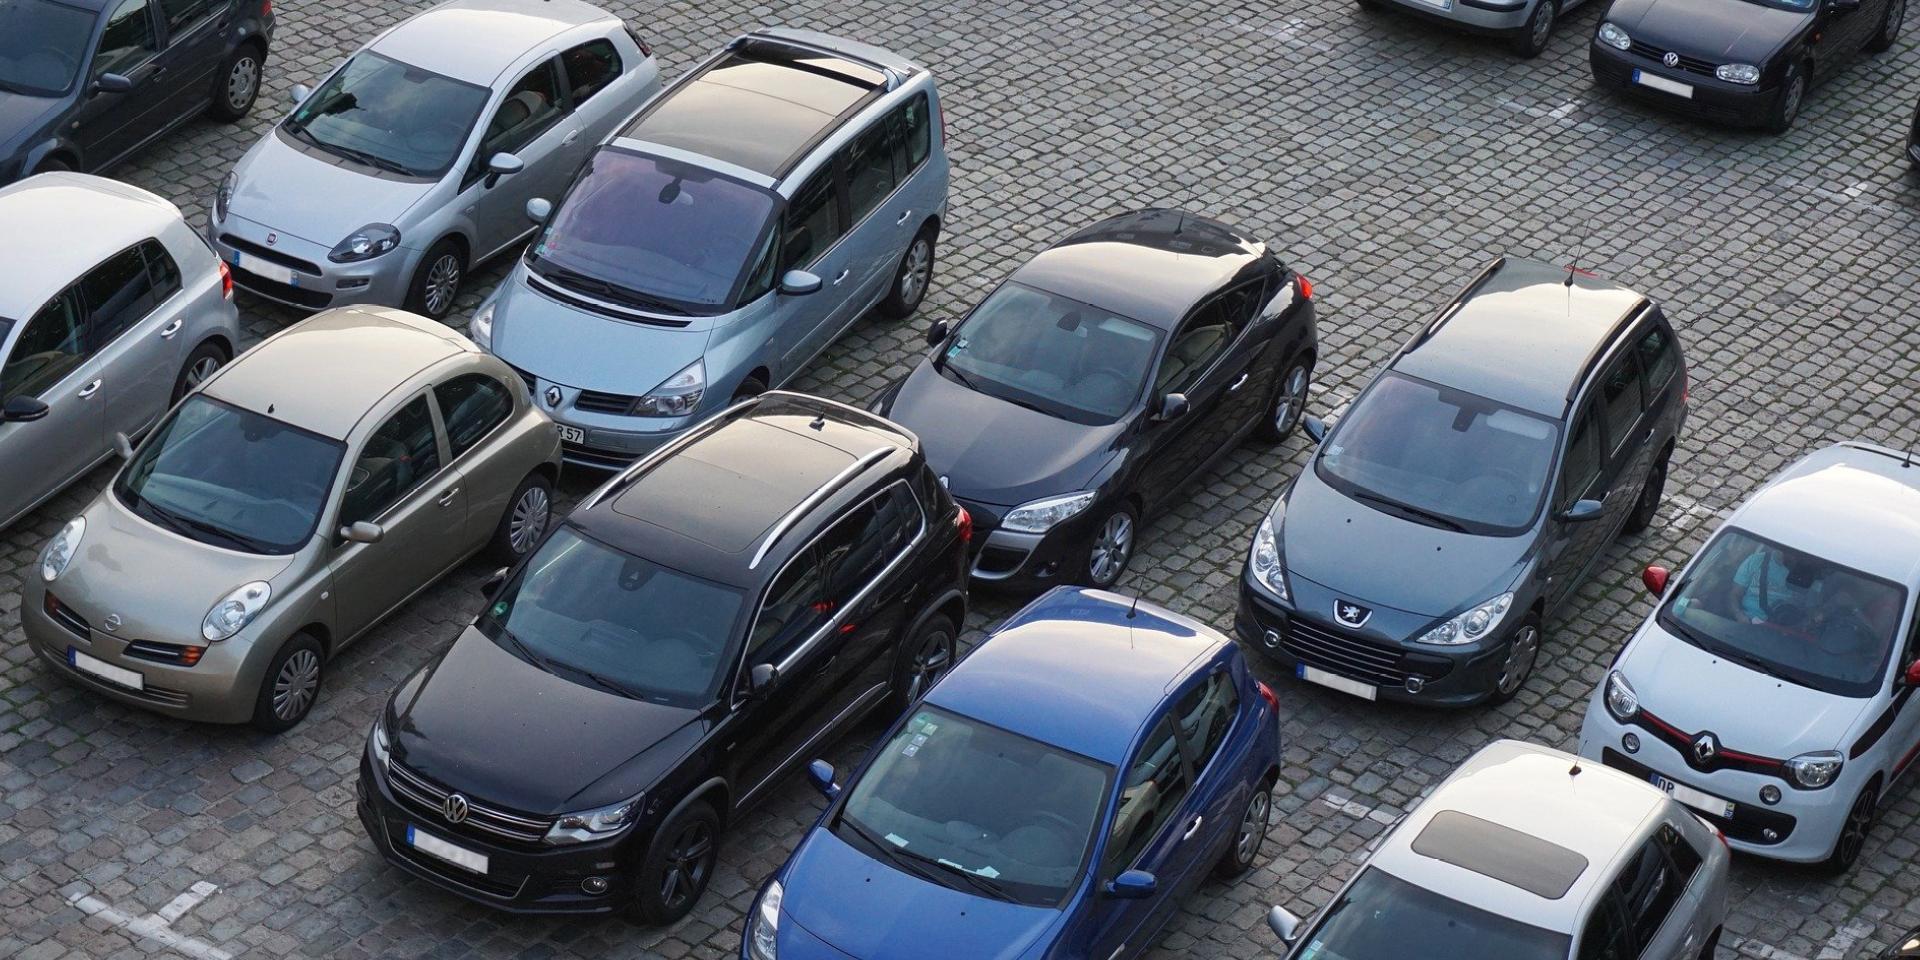 Autohaus Anrufbeantworterschleifen